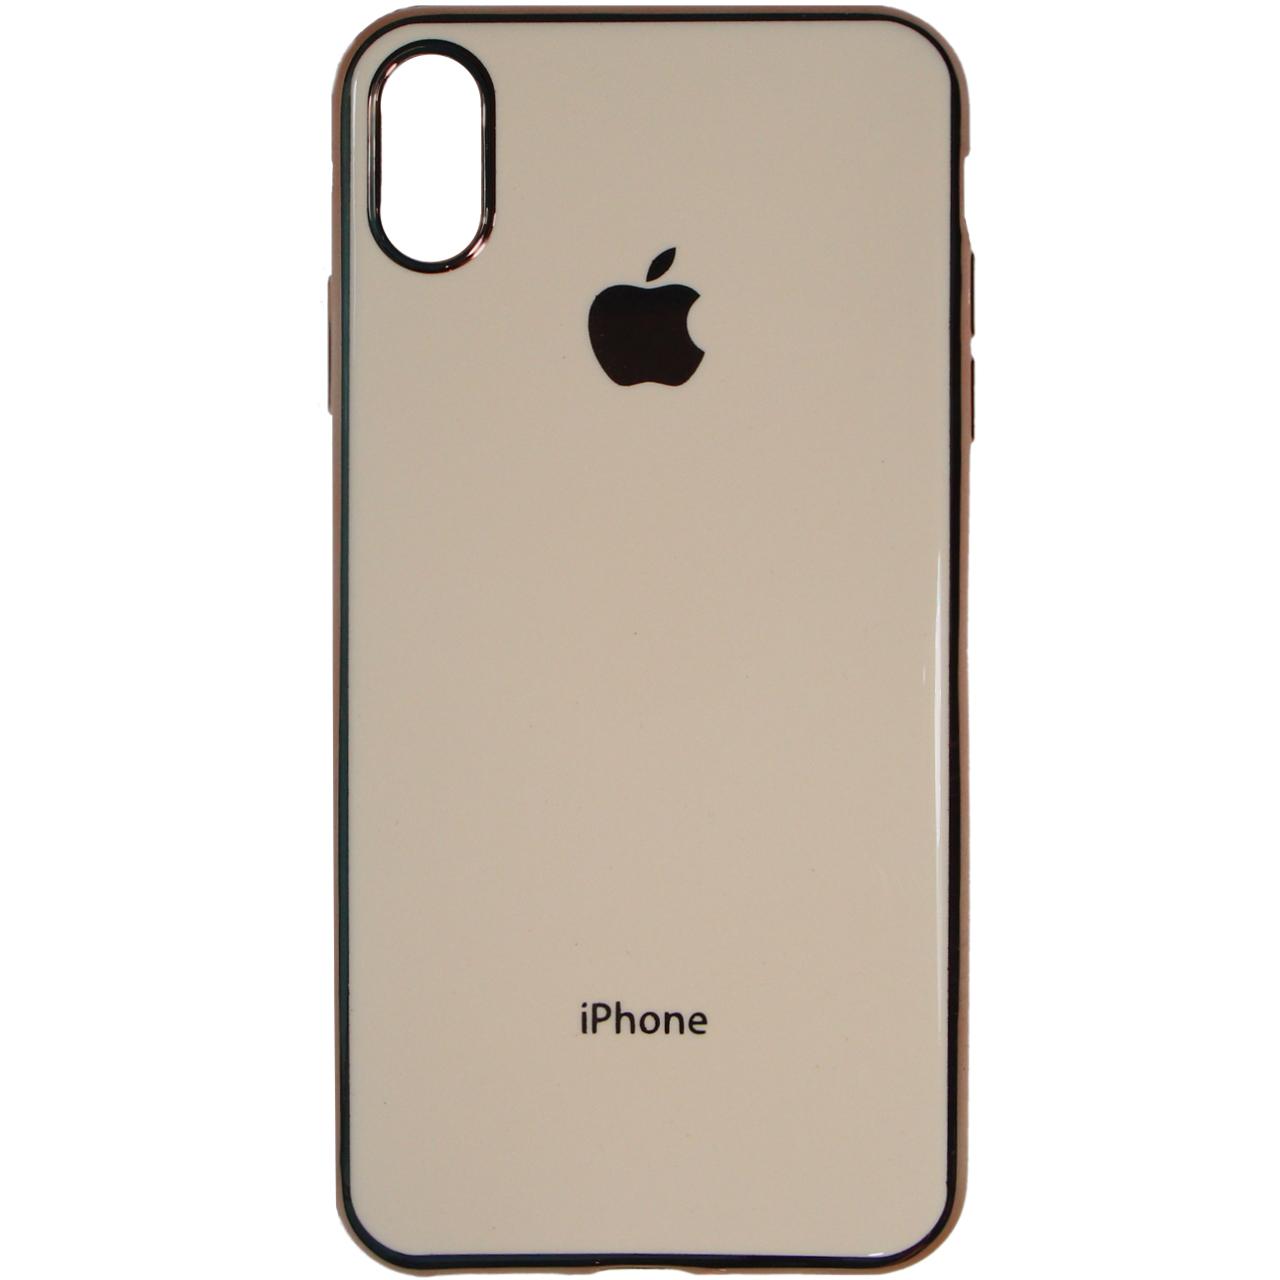 کاور  مدل A0 مناسب برای گوشی موبایل اپل iphone xs max                     غیر اصل